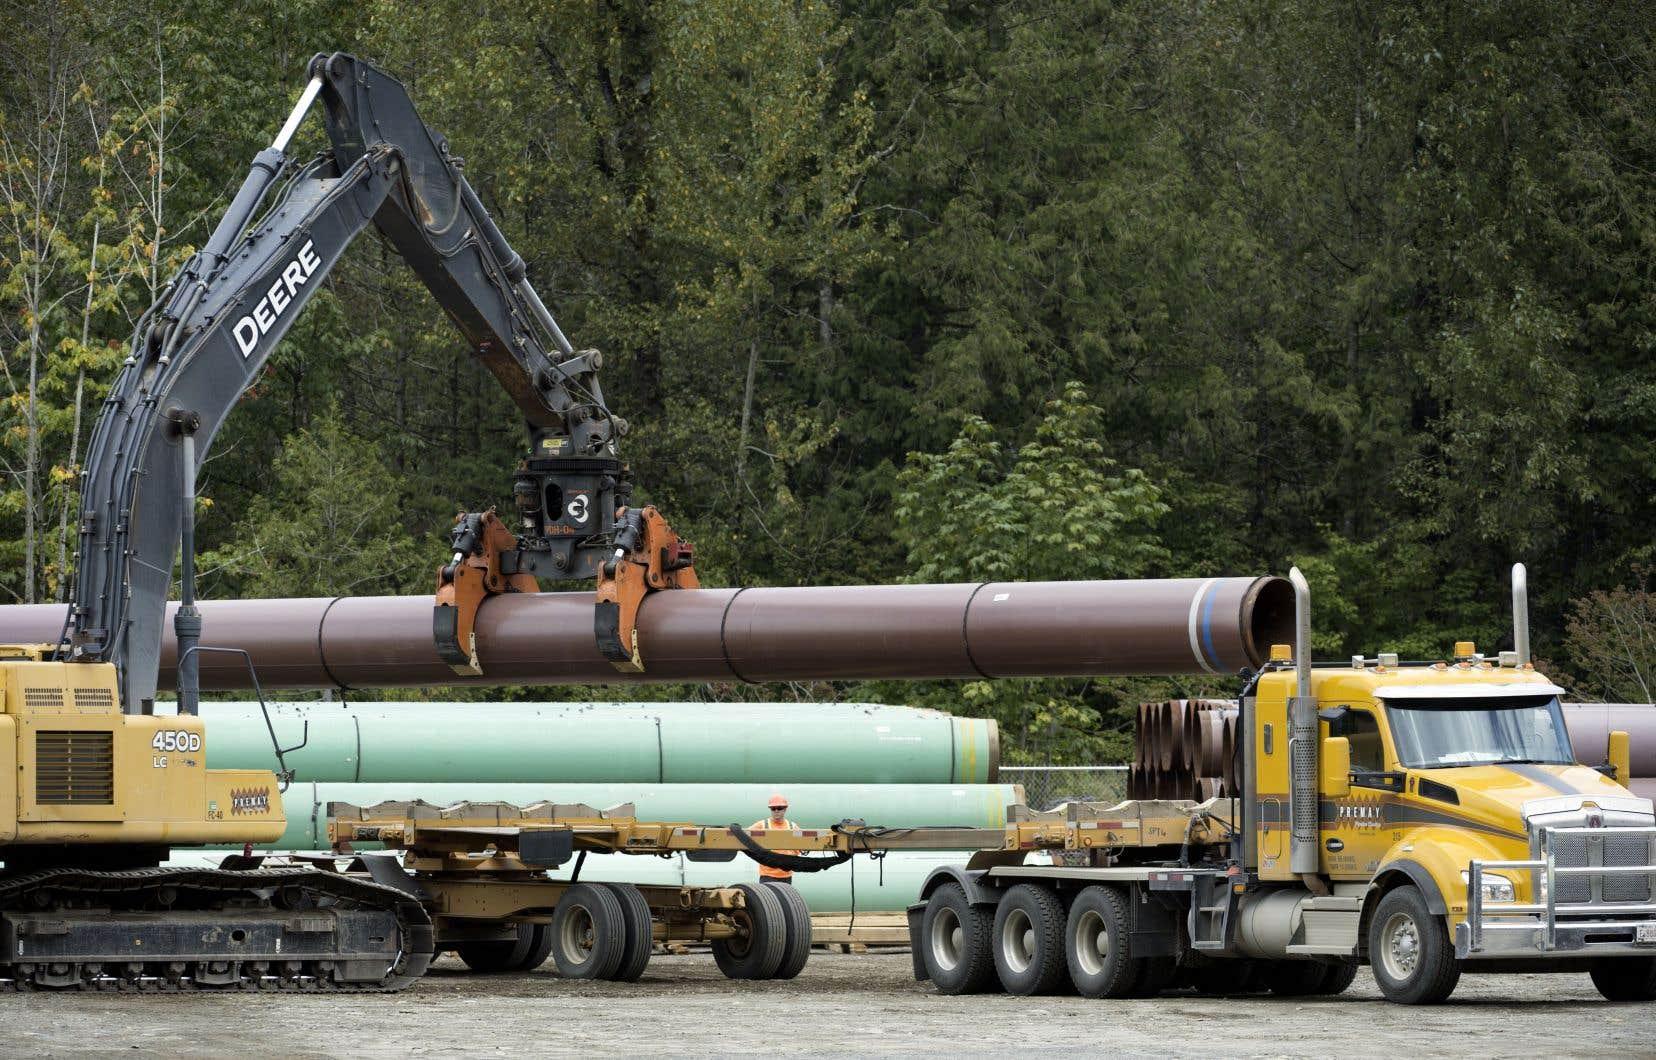 Les travaux d'élargissement du pipeline Trans Mountain devraient être terminés d'ici le milieu de 2022.